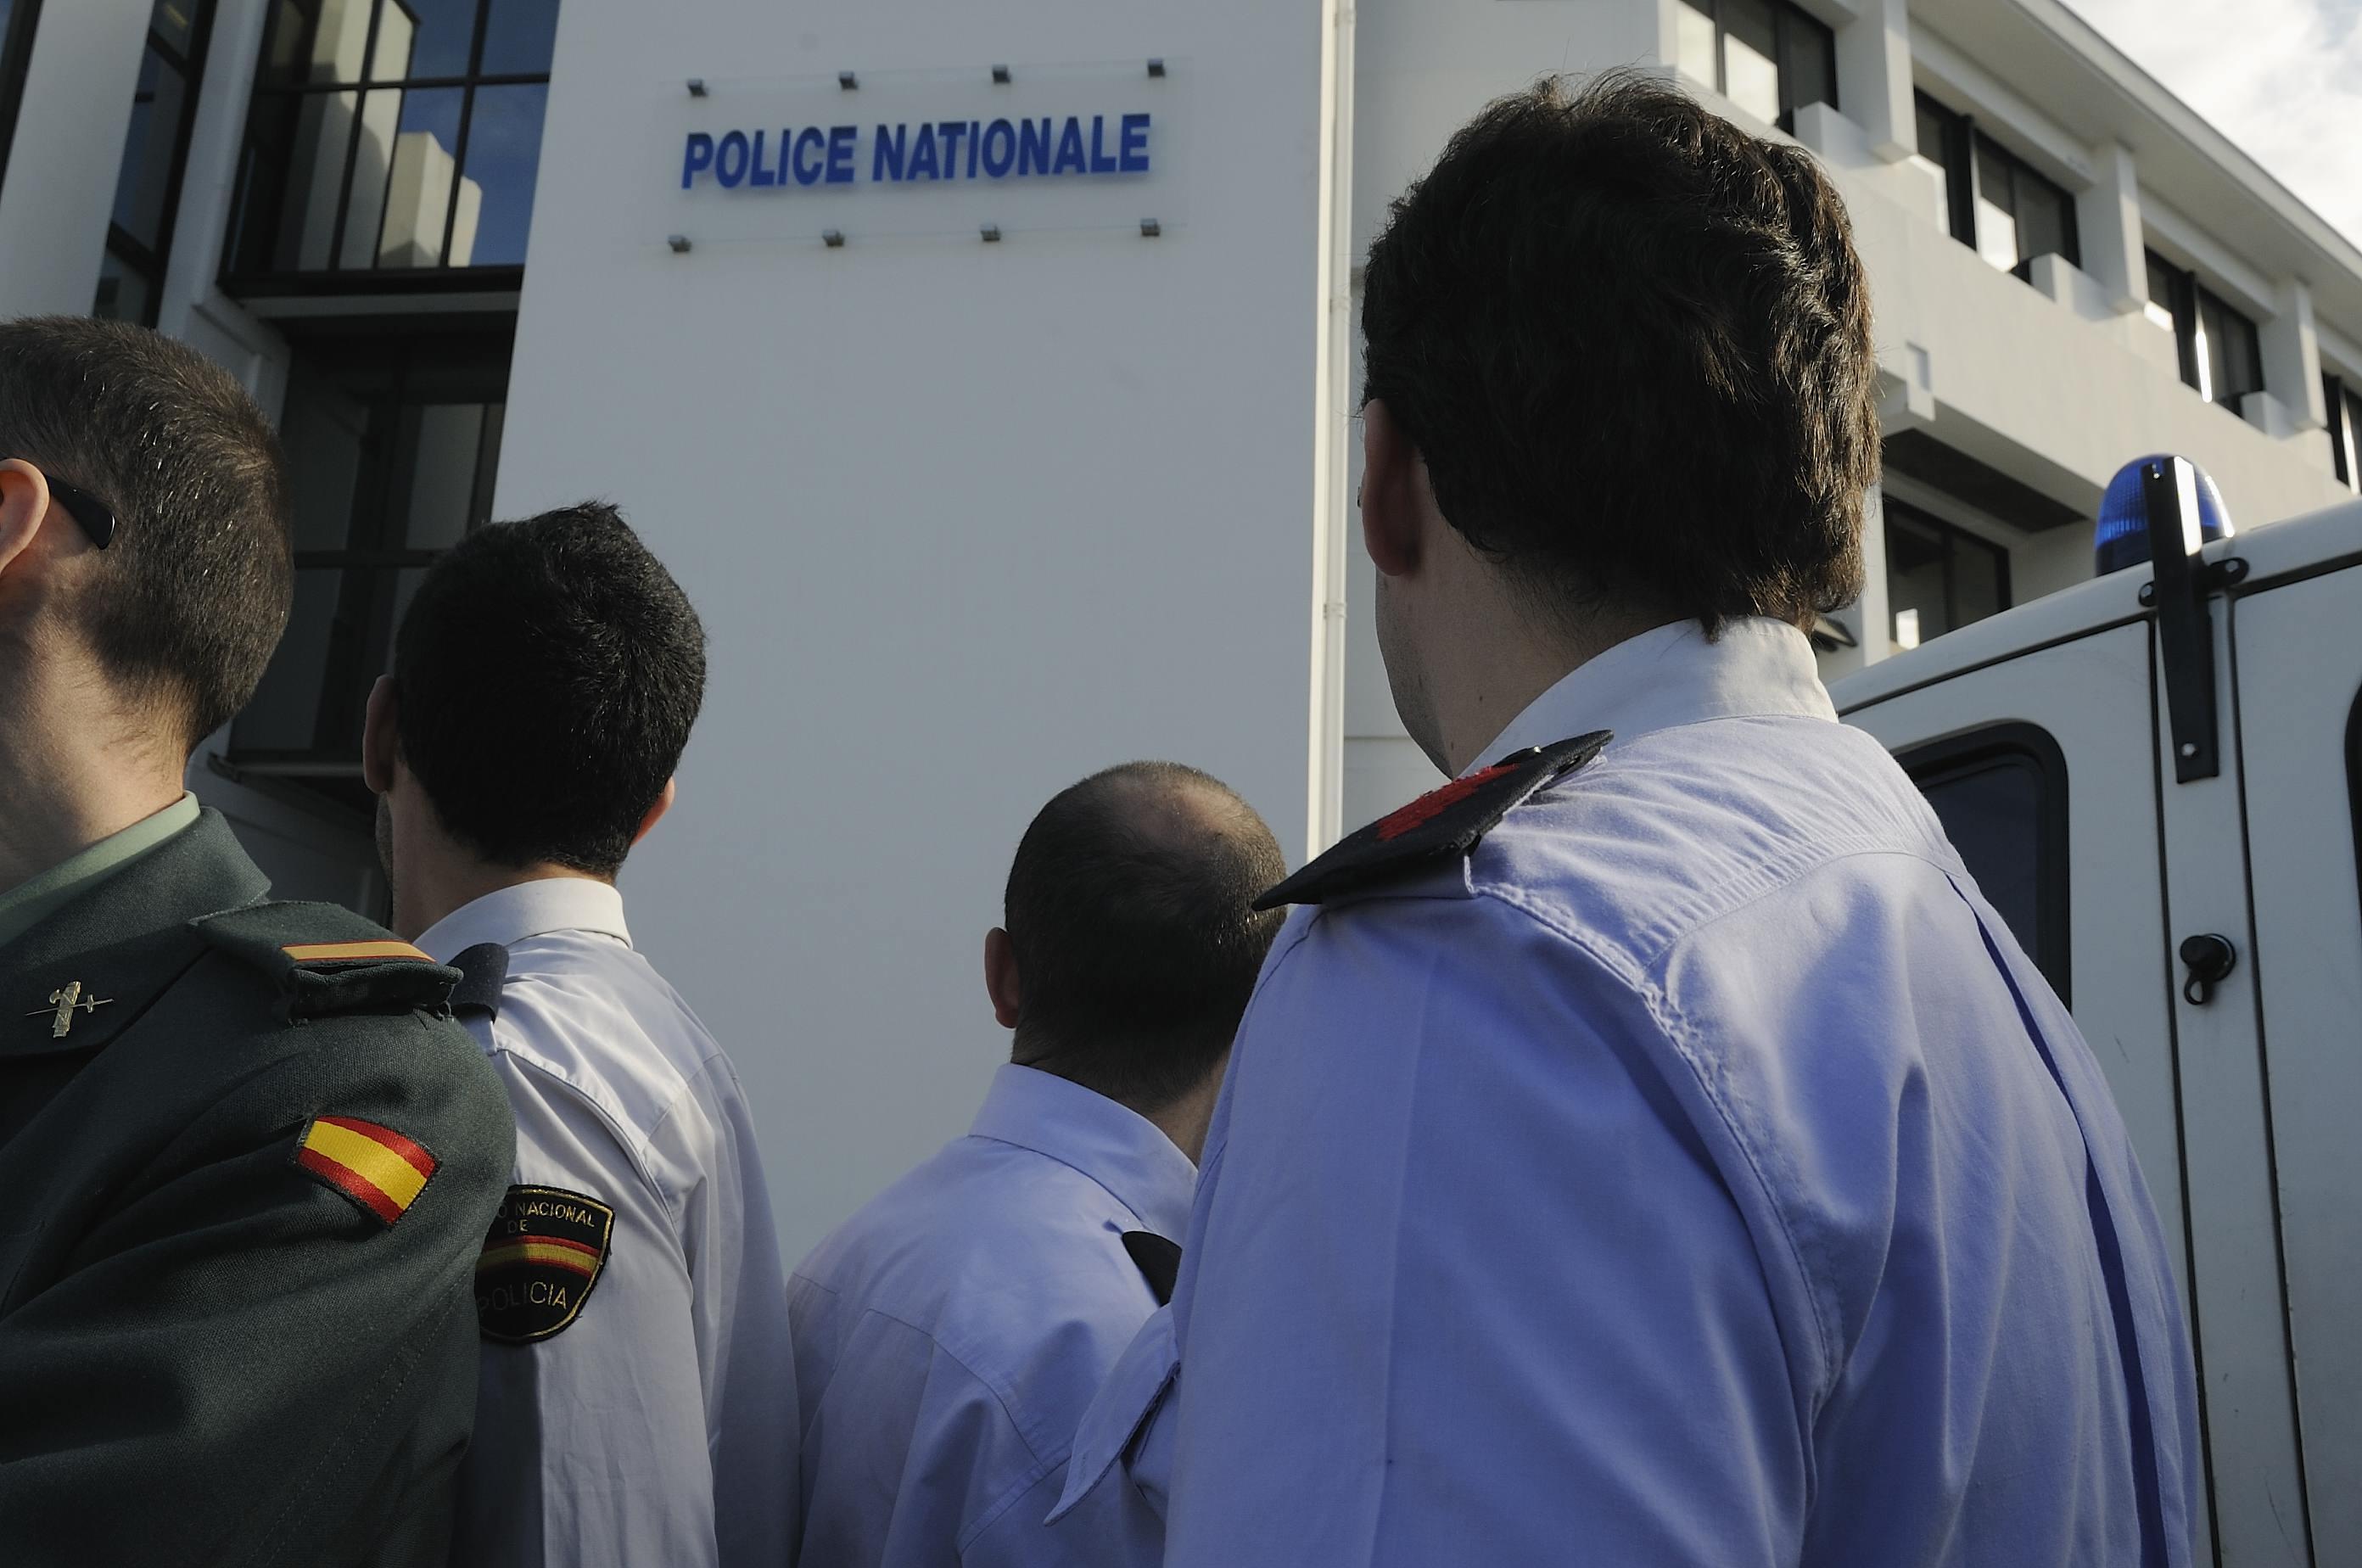 police4.jpg